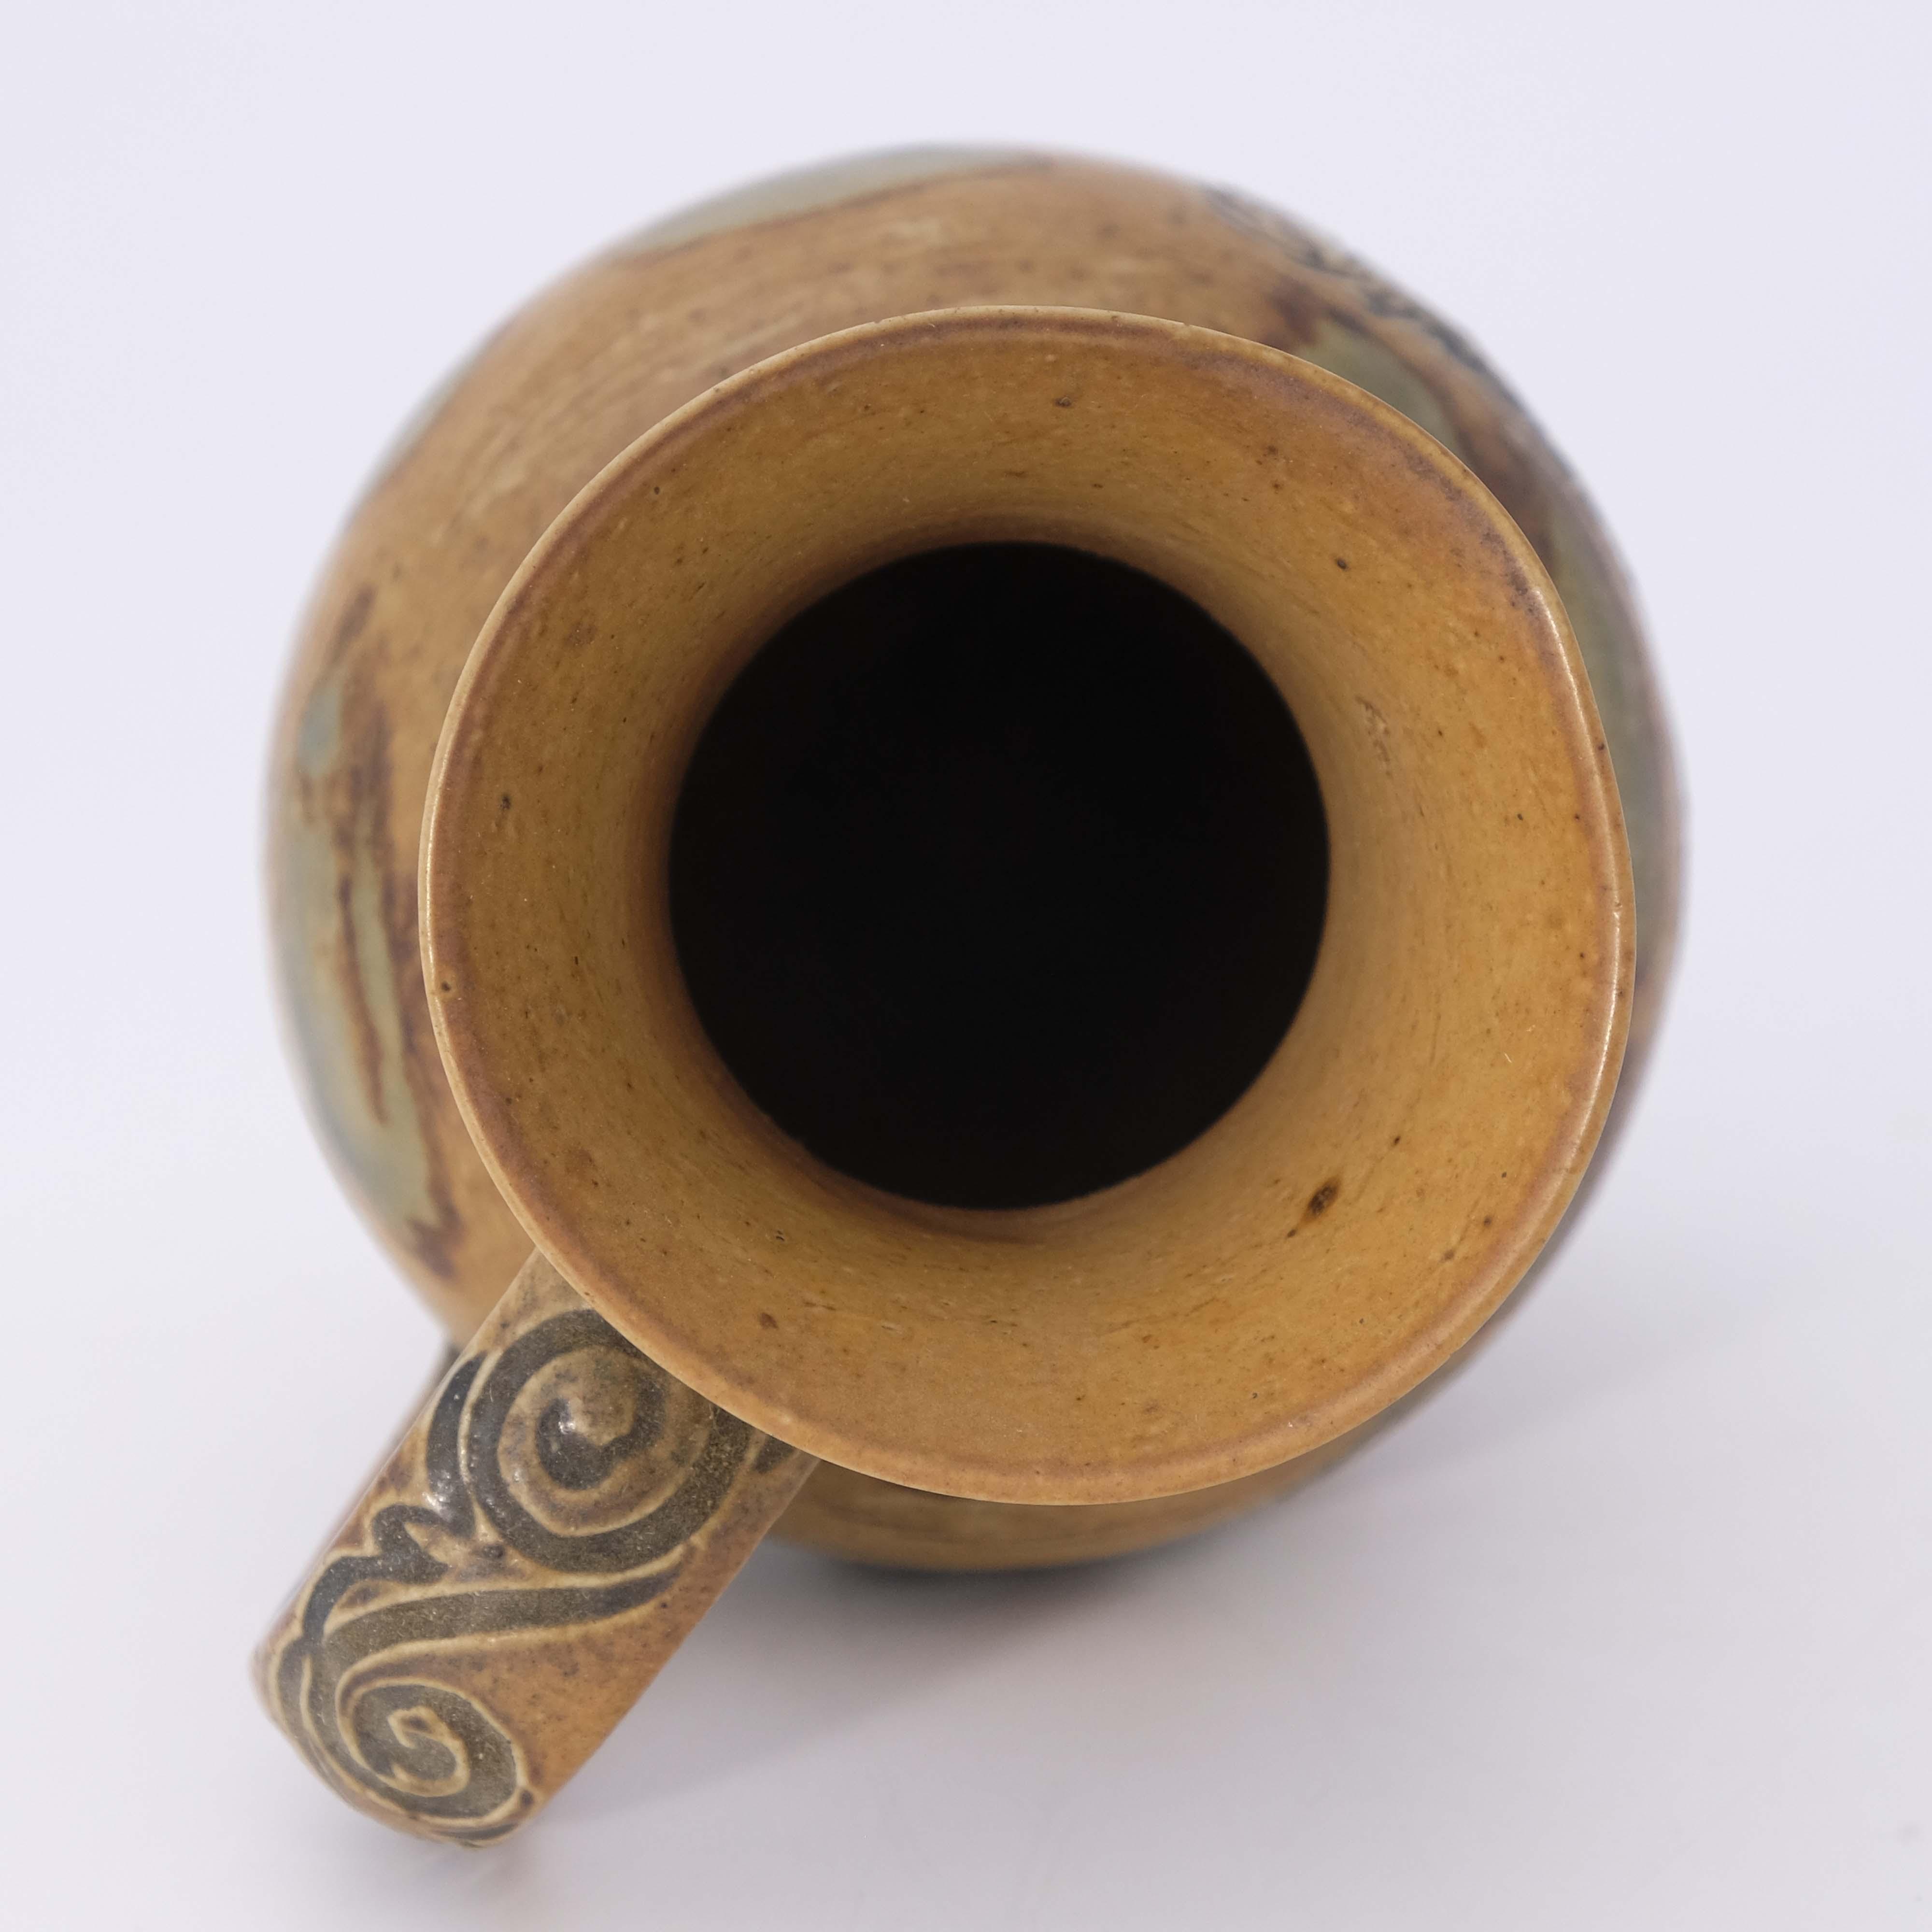 Hannah Barlow for Doulton Lambeth, a stoneware jug - Image 5 of 6